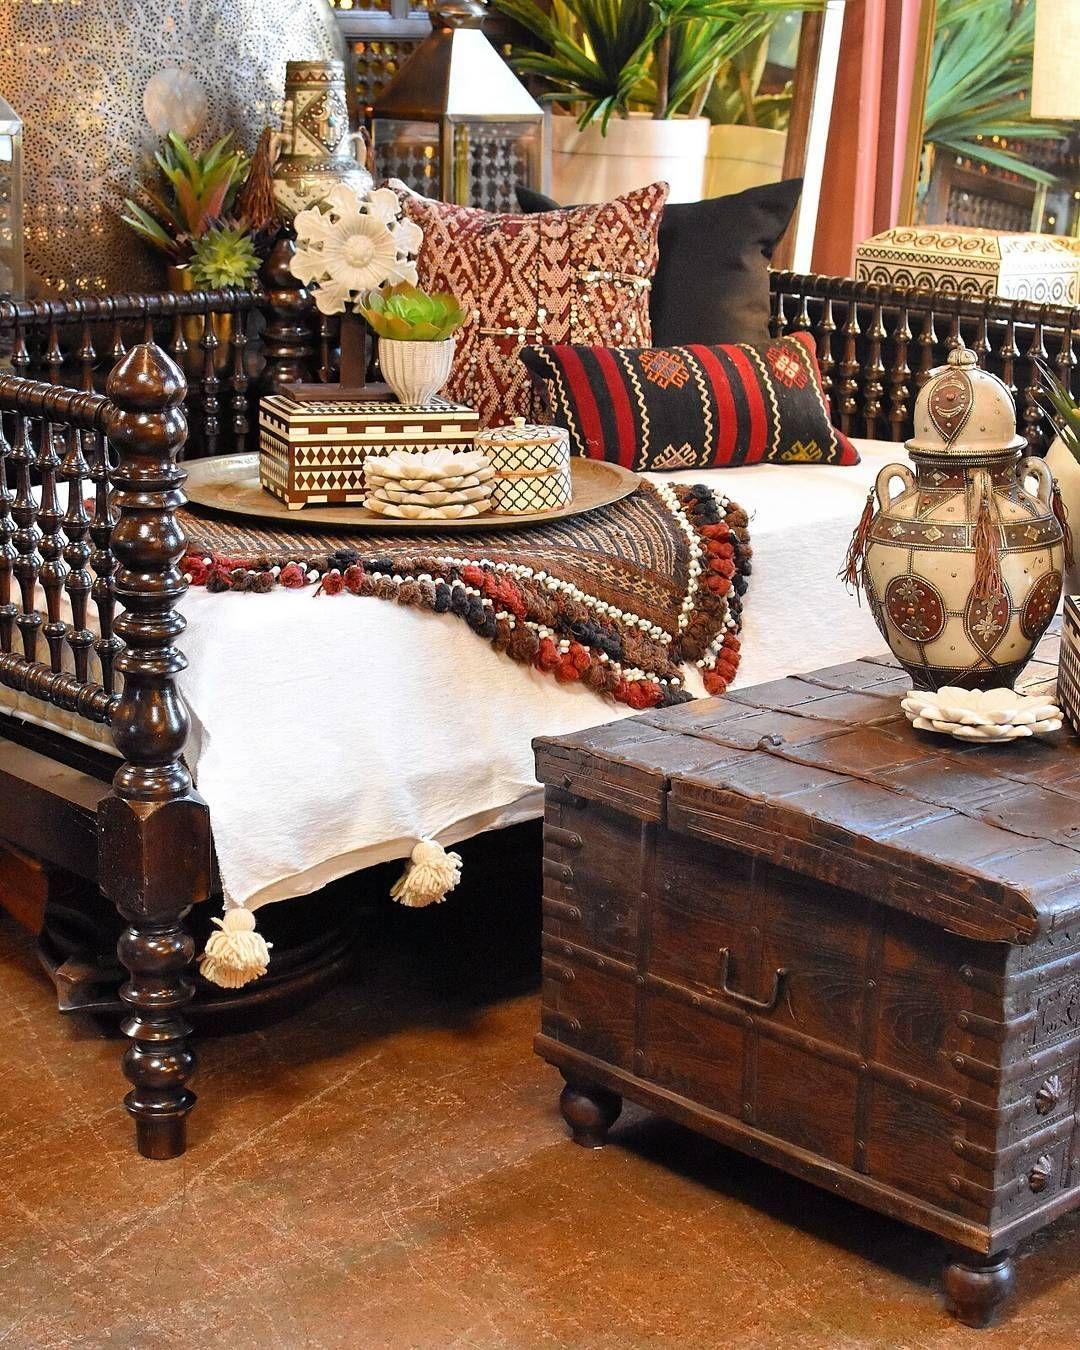 Tagesbett Drama Dieses Twin Size Daybed Ist Aus Antiken Indischen Bettteilen Gefertigt Room Inspiration Global Decor Kilim Pillows Bedroom